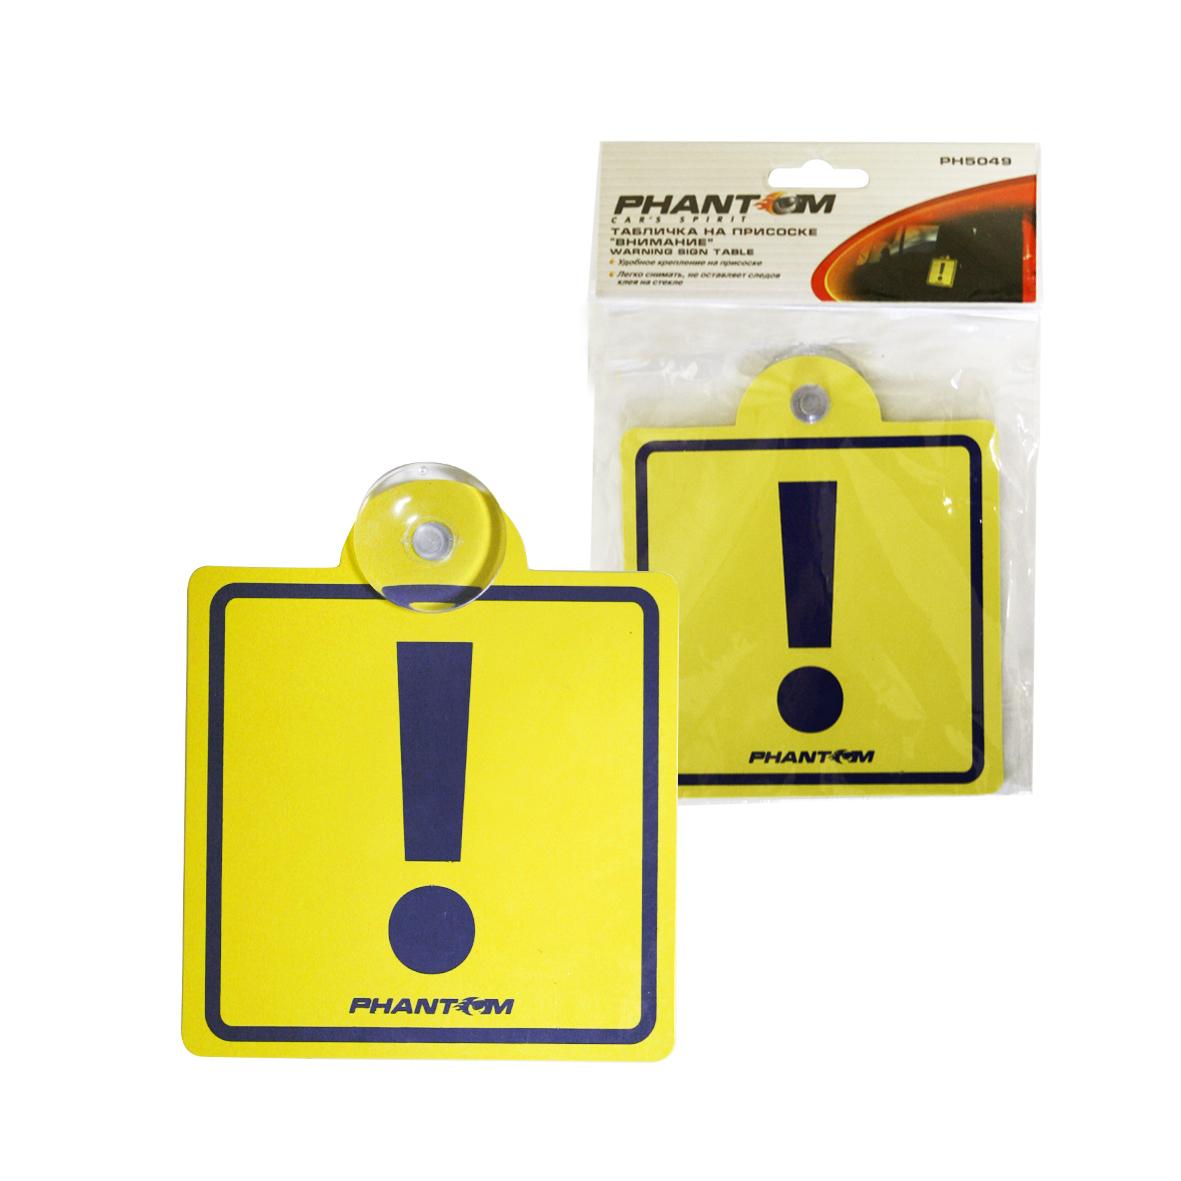 Табличка на присоске Phantom Внимание5049Табличка на присоске Phantom Внимание предназначена для предупреждения участников дорожного движения о неопытности водителя автотранспортного средства. Легкая переустановка, присоски не оставляют следов клея на стекле. Характеристики: Материал: пластик, силикон.Размеры таблички: 11 см х 13 см х 0,5 см.Размеры упаковки: 13 см х 15 см х 0,5 см.